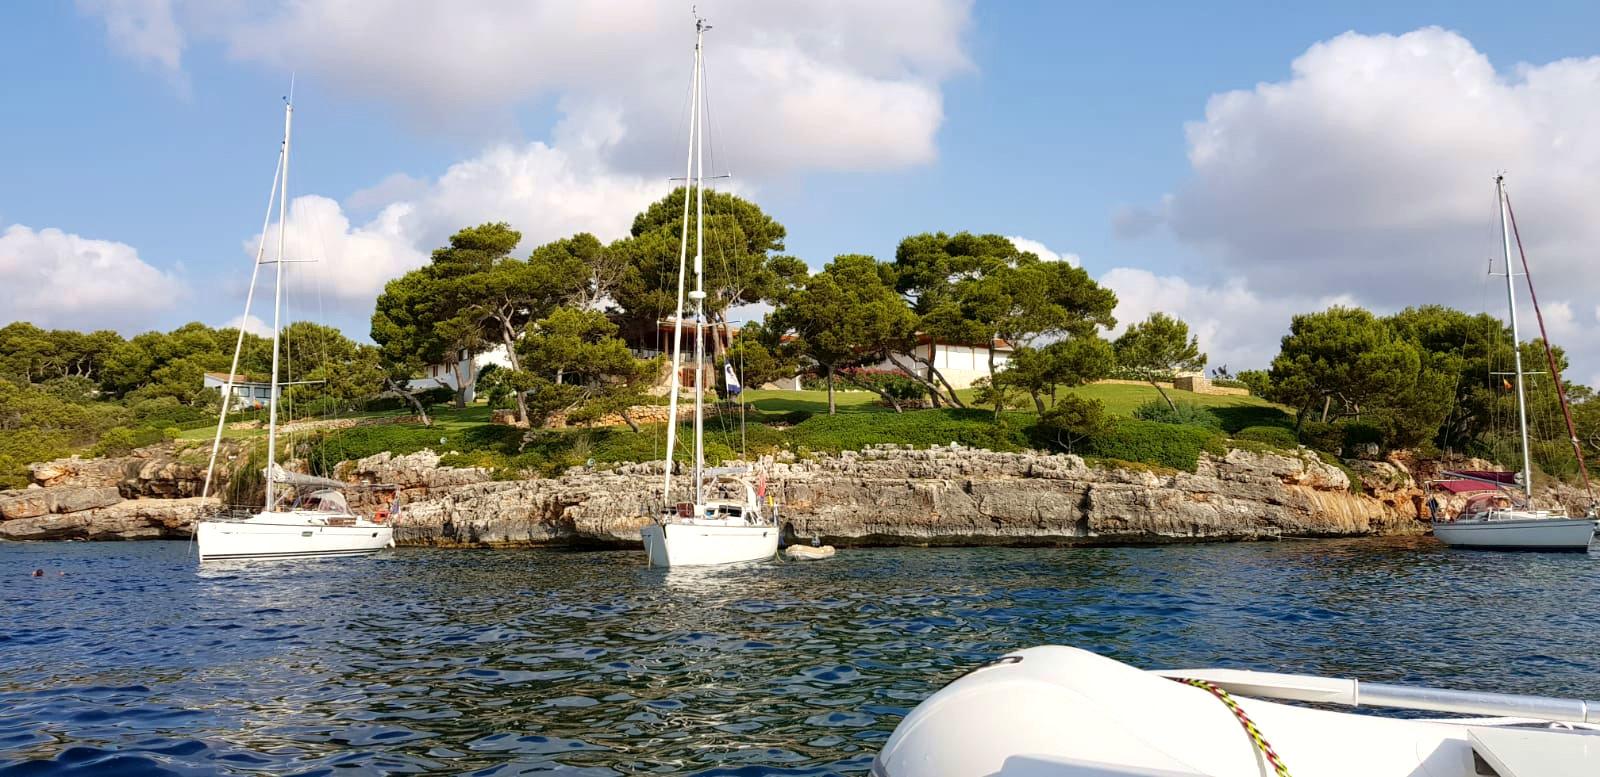 Mallorca selgend erkunden